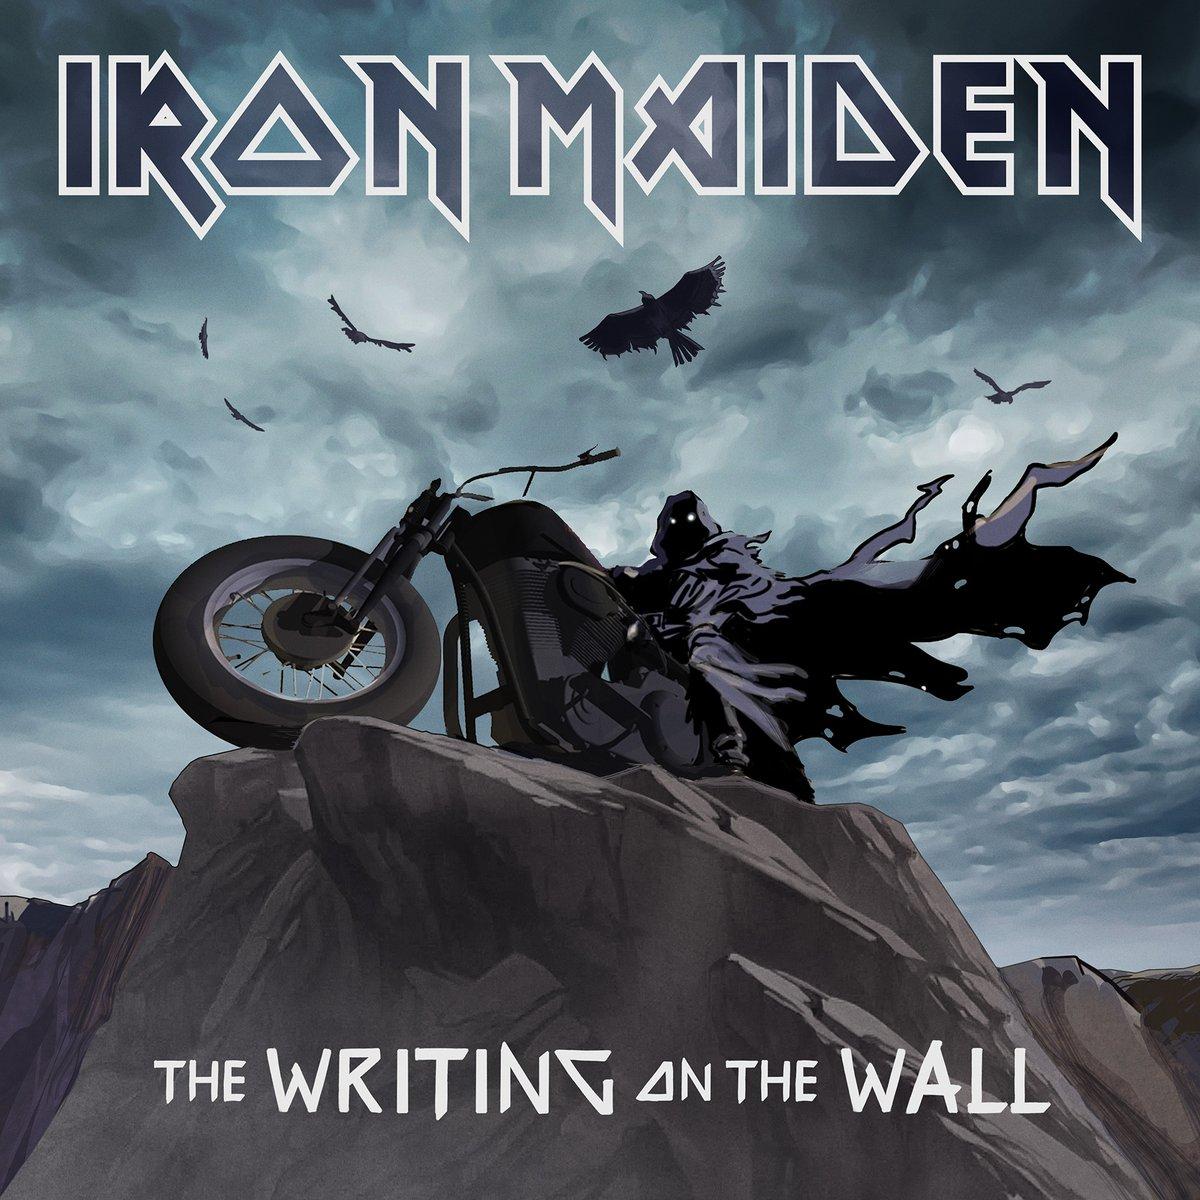 """Iron Maiden: conheça o conceito lírico da nova canção """"The writing on the  wall"""" - Roadie Metal"""